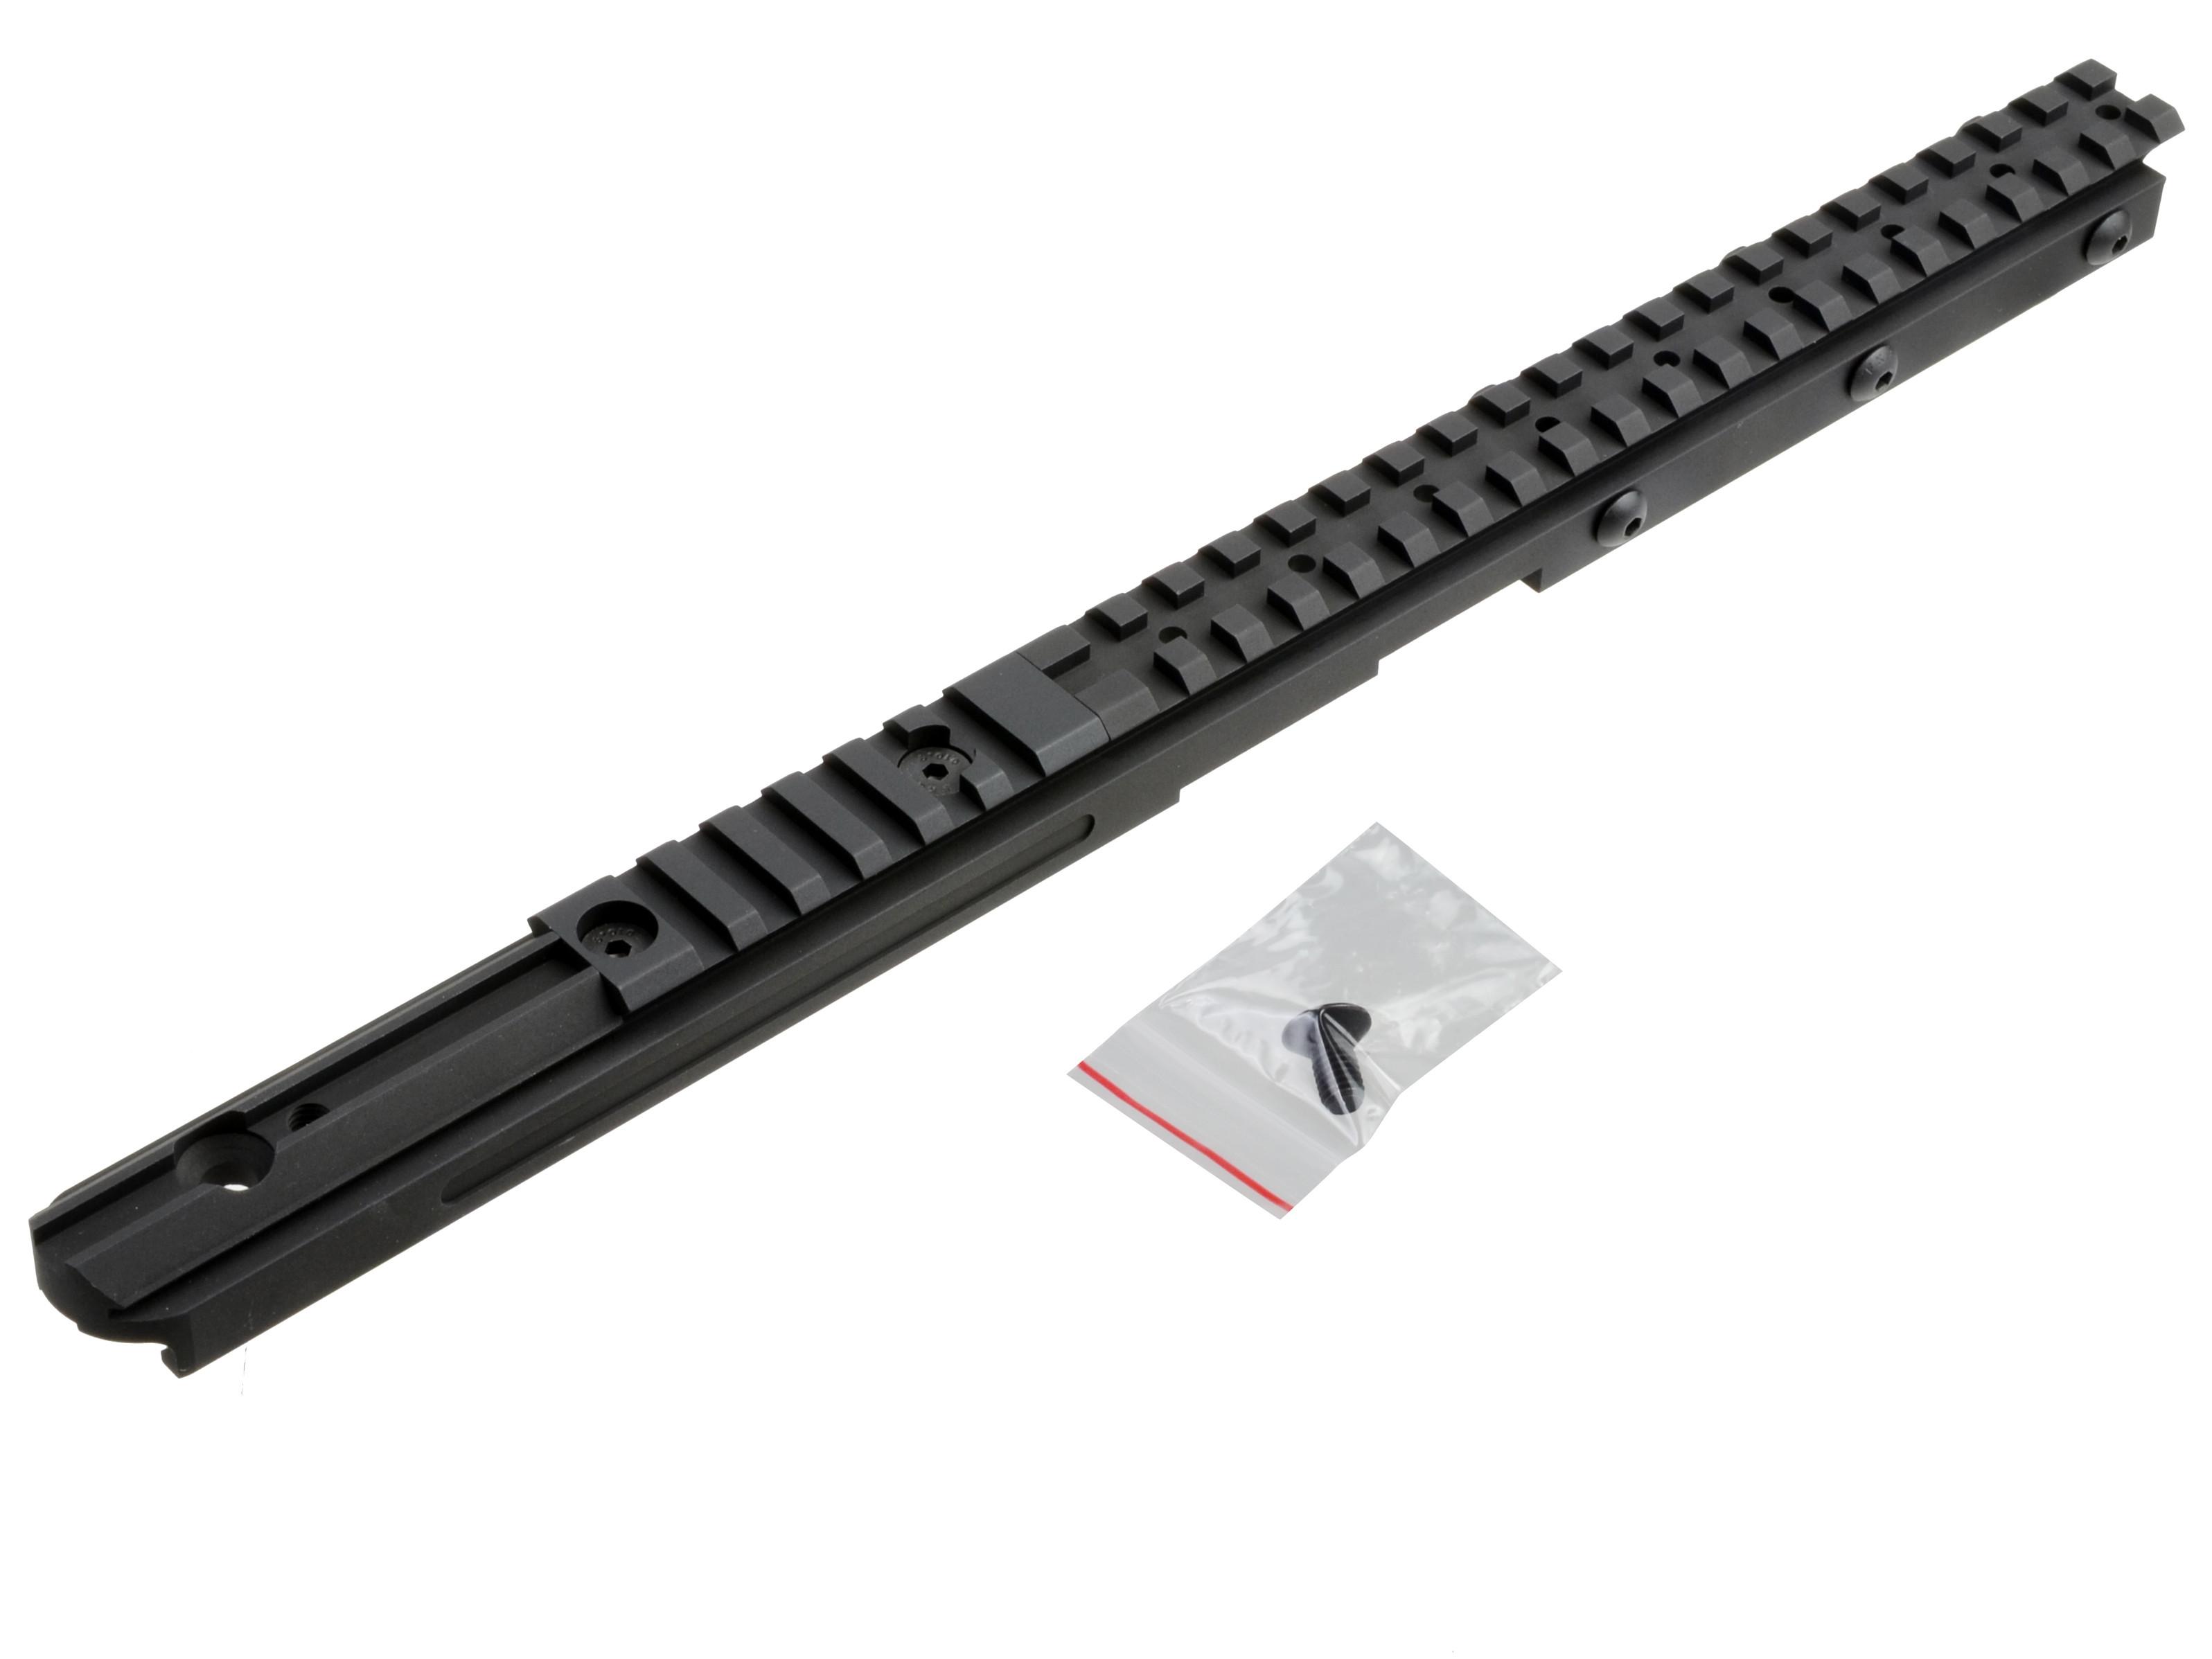 PRI Mid length PEQ Top Rail